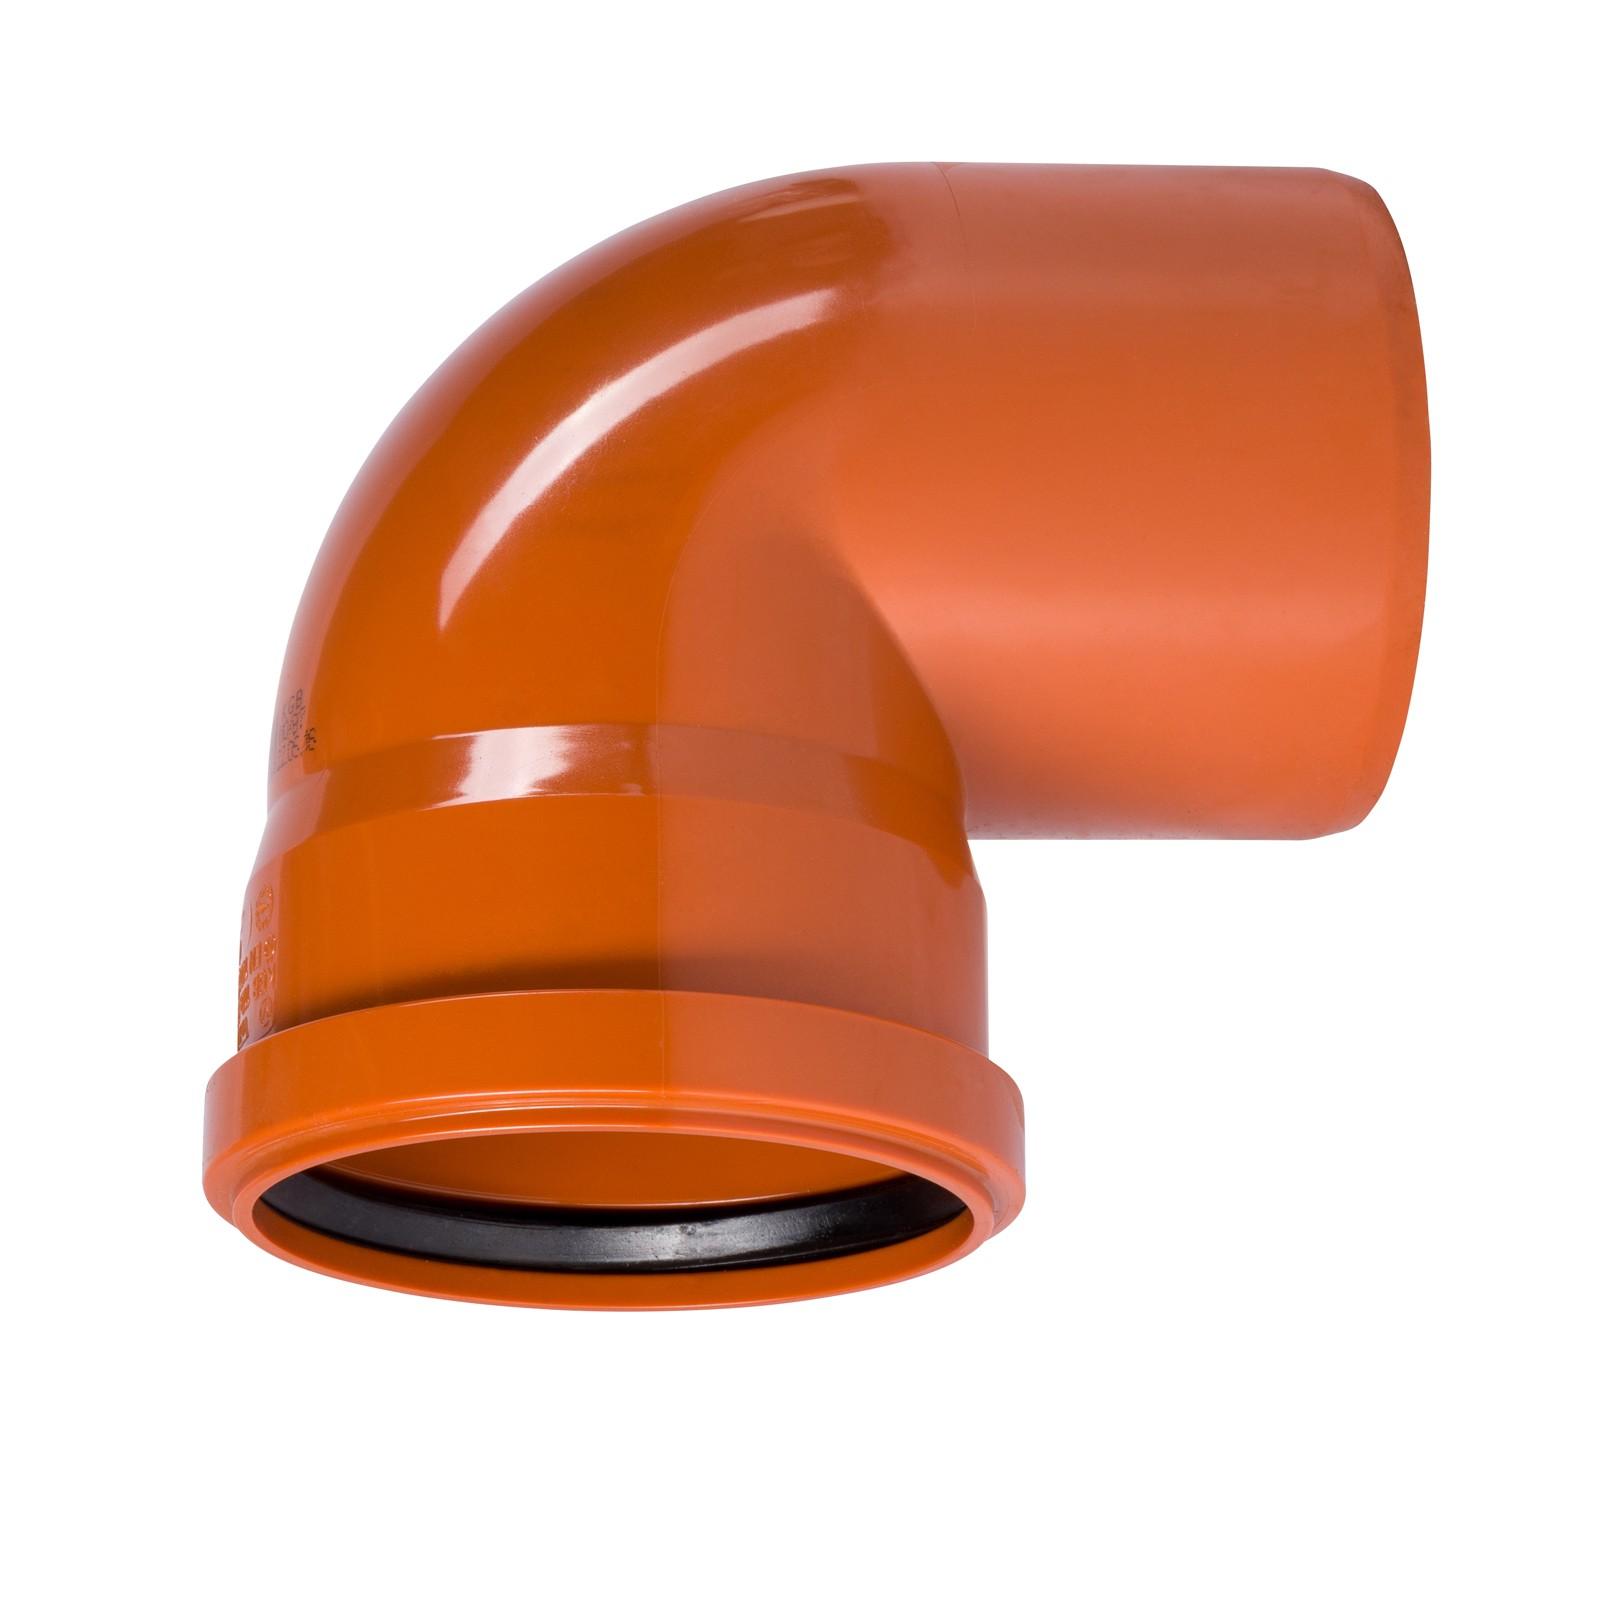 ostendorf kg bogen dn200 87 rohr kgb 200mm rohrbogen abwasserrohr kanalrohr. Black Bedroom Furniture Sets. Home Design Ideas